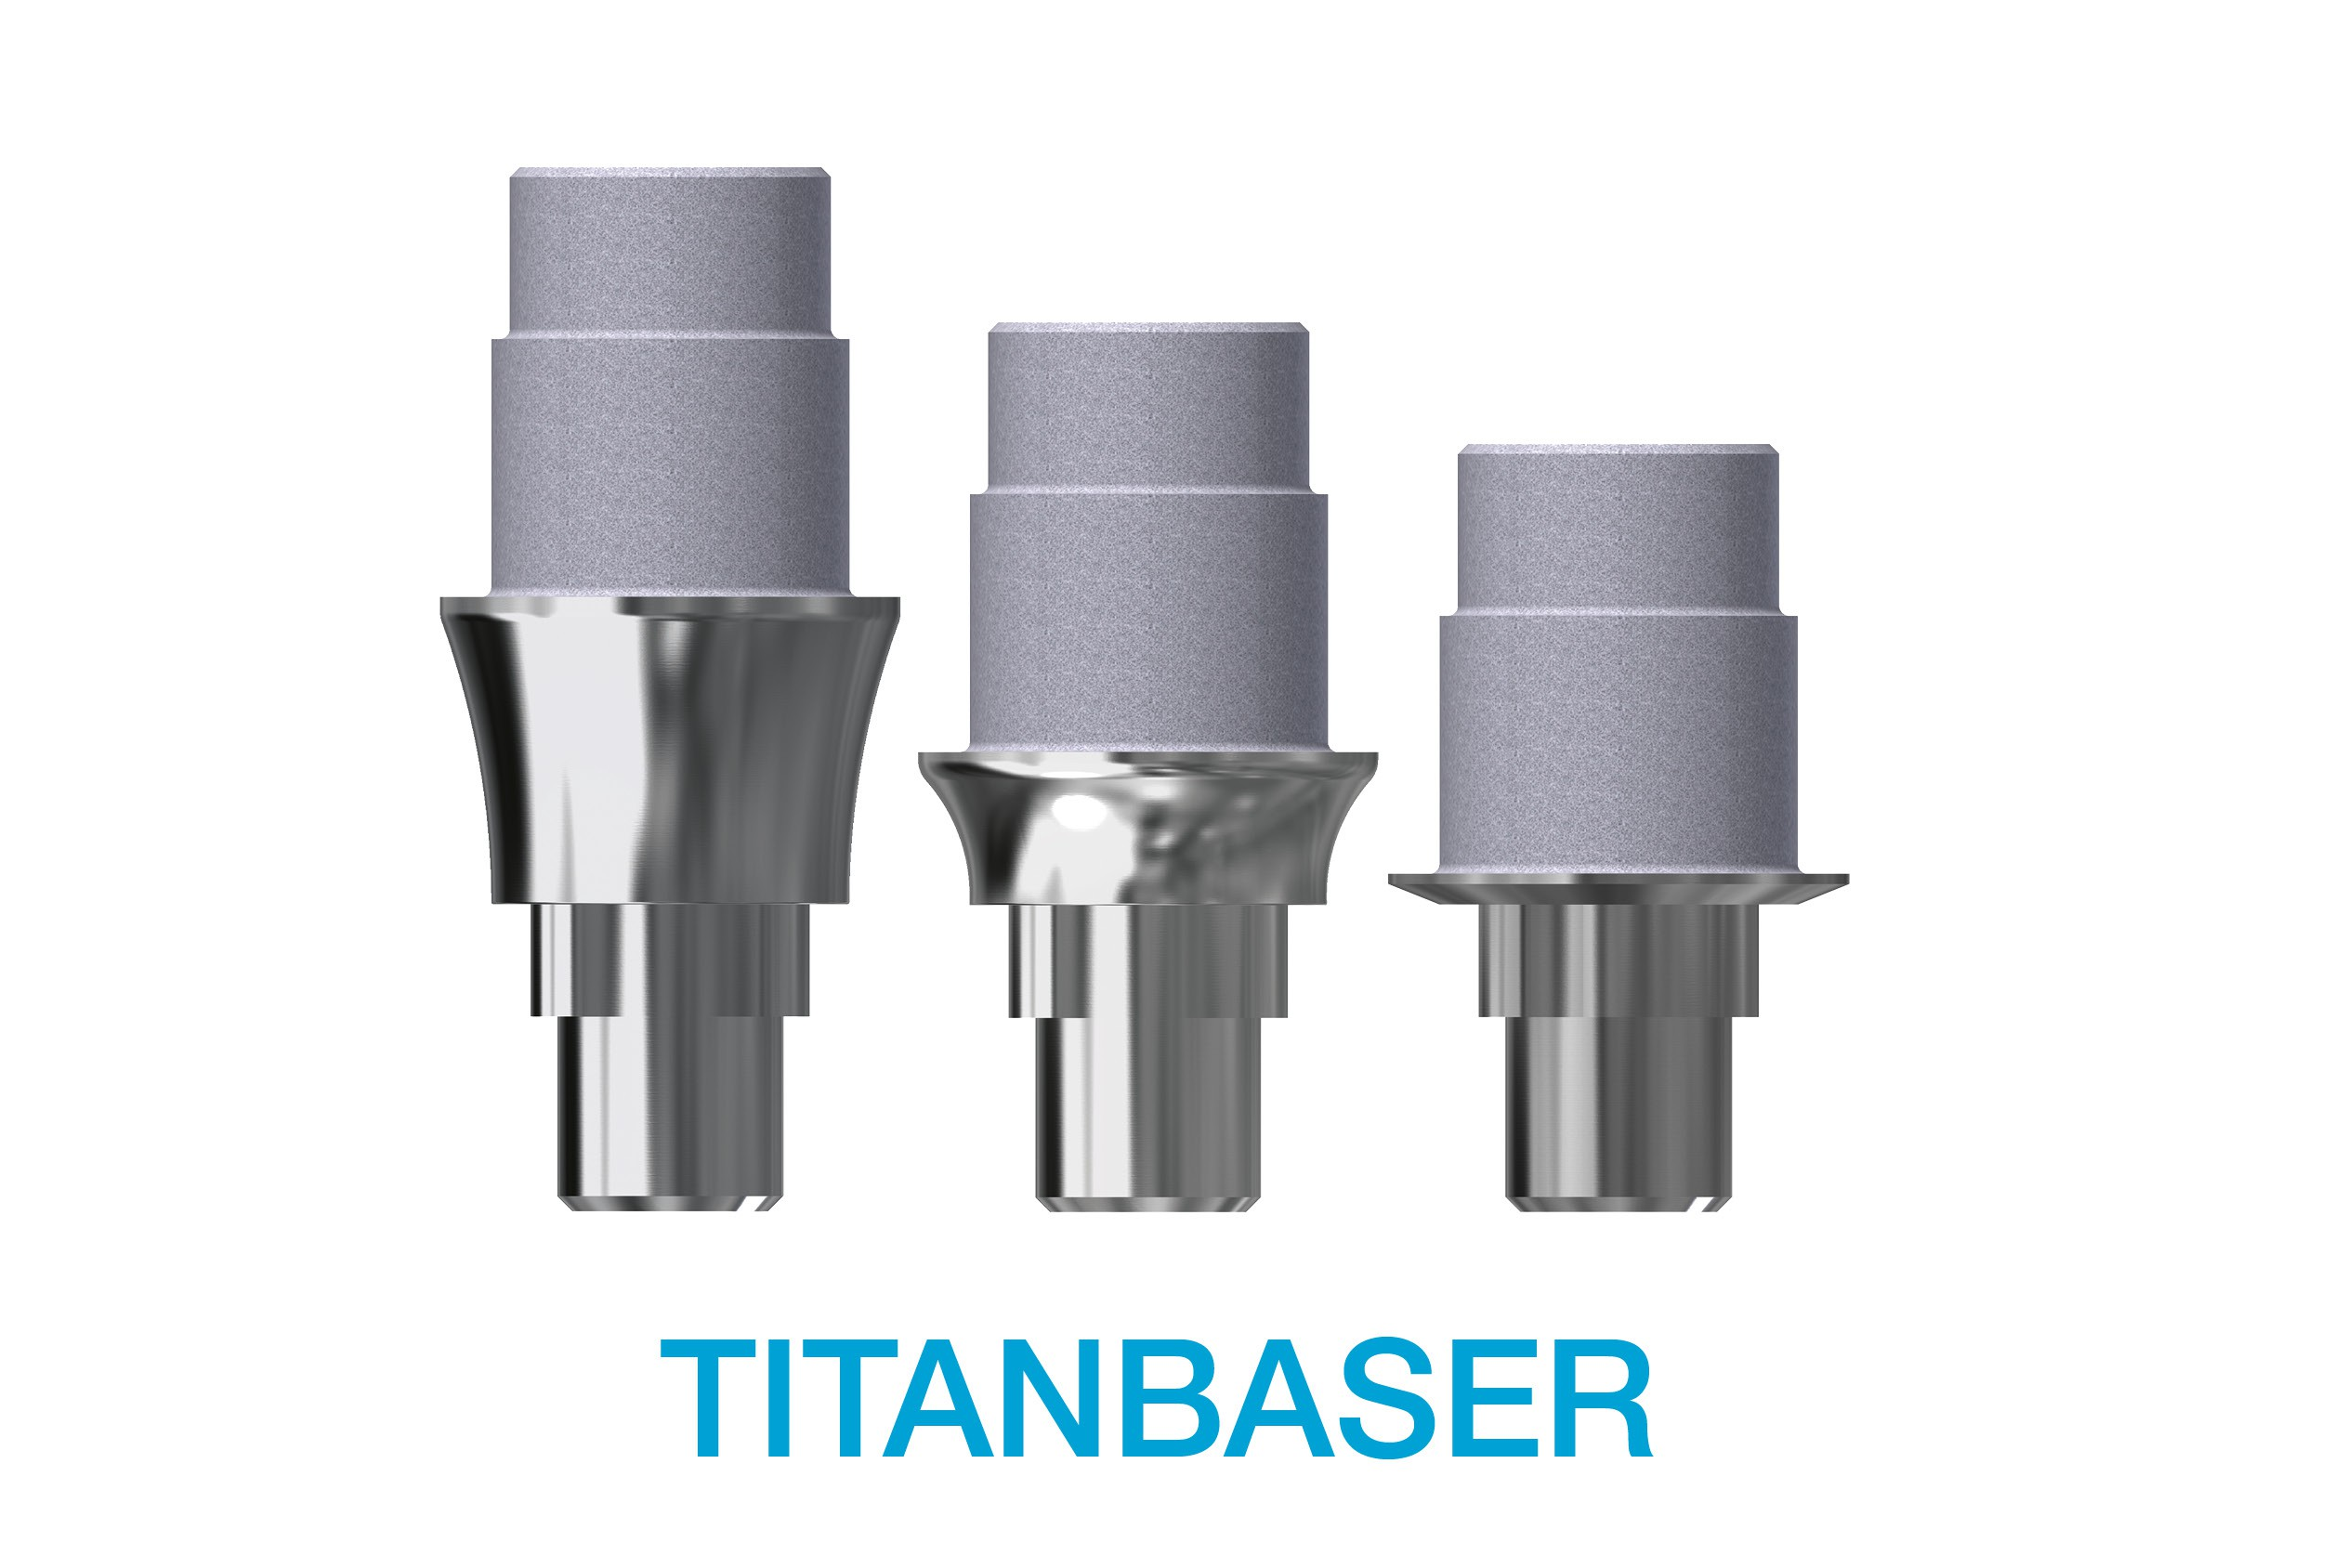 Titanbaser